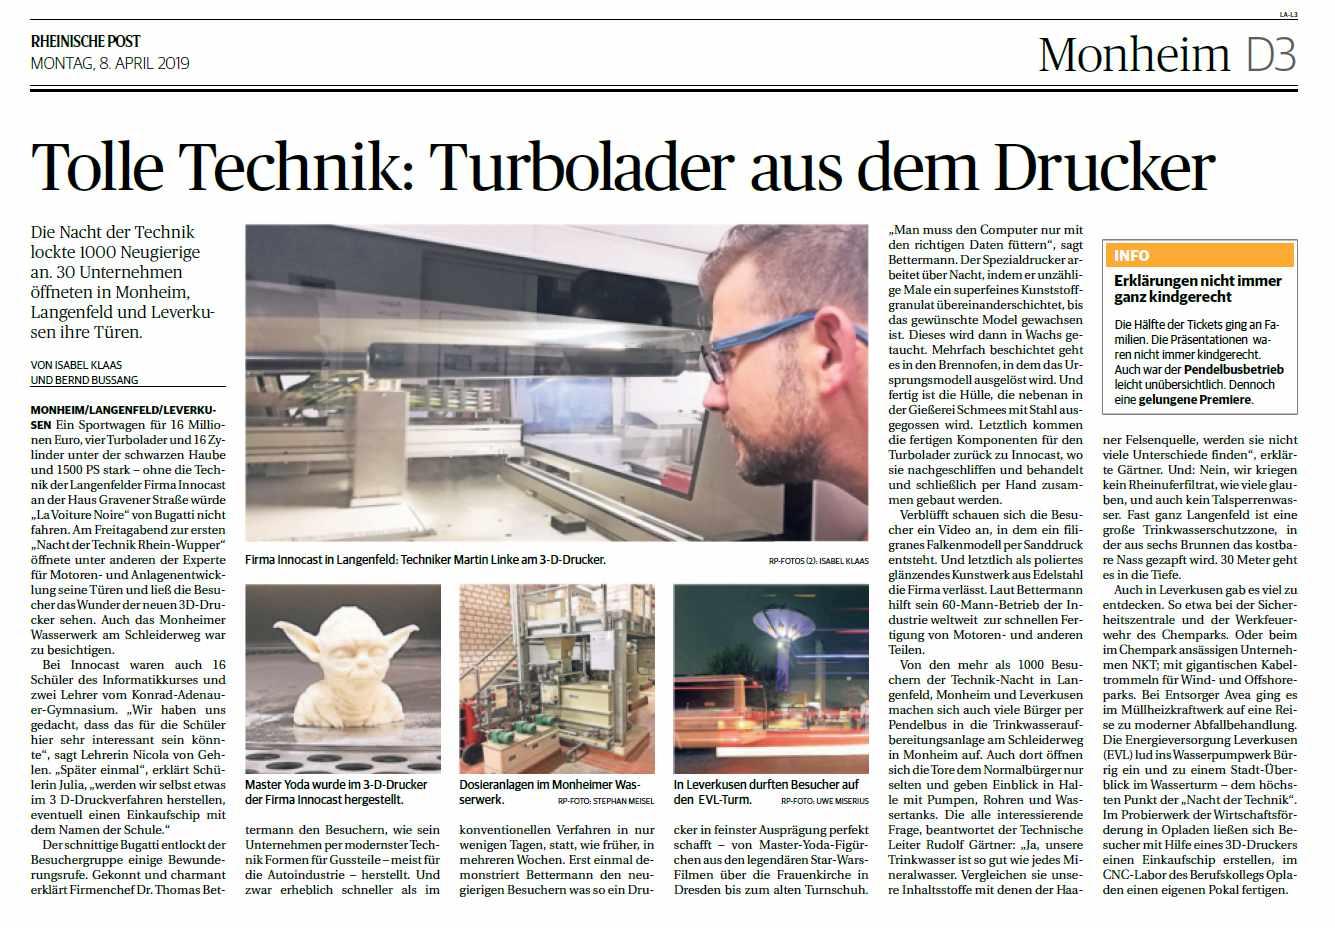 Pressebericht Nacht der Technik 2019